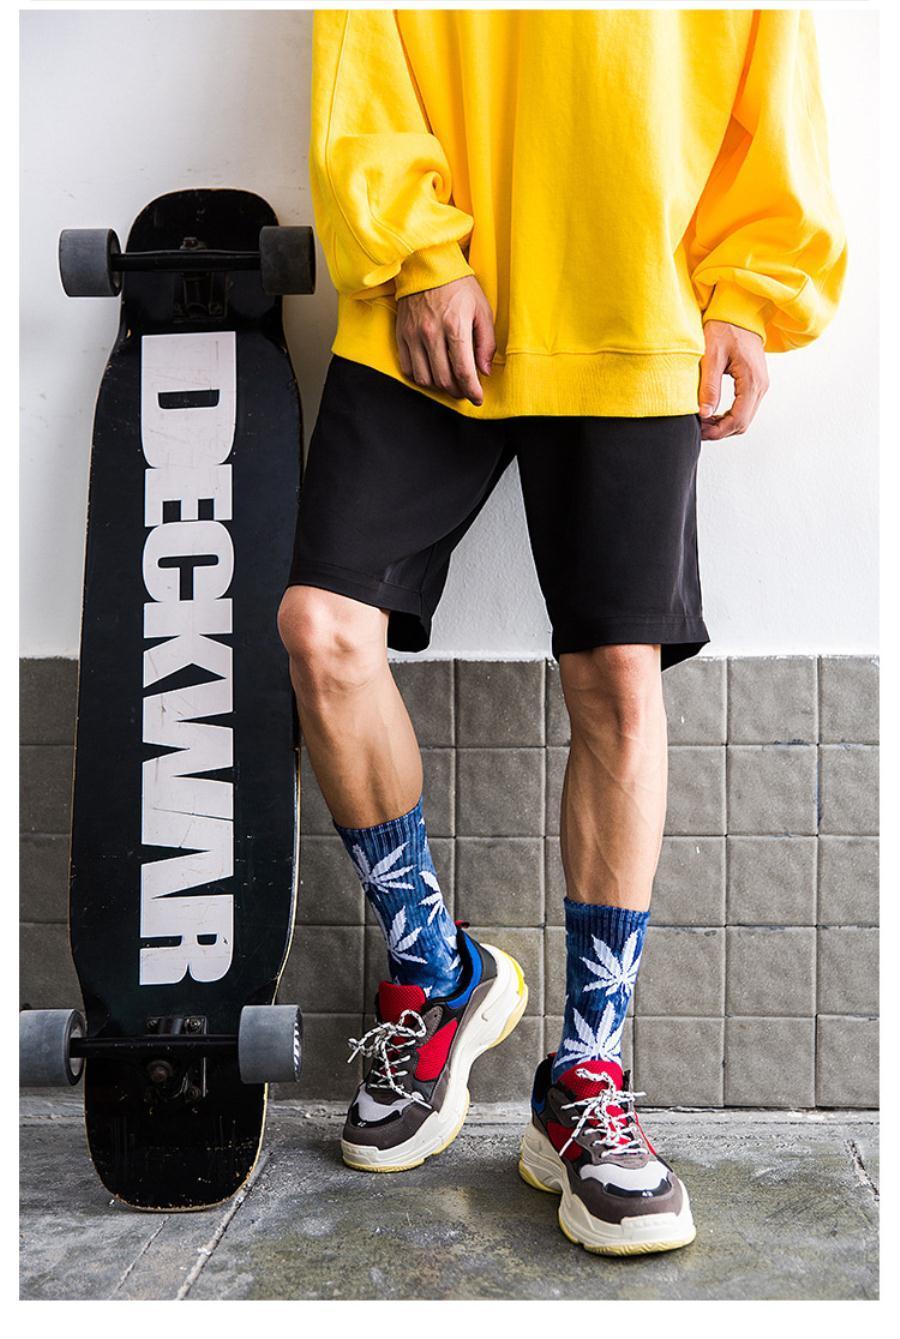 2020 maple leaves new mens designer socks personality Simplicity Men's Socks white Sock Man Sock Slippers Socken made in china N0307021